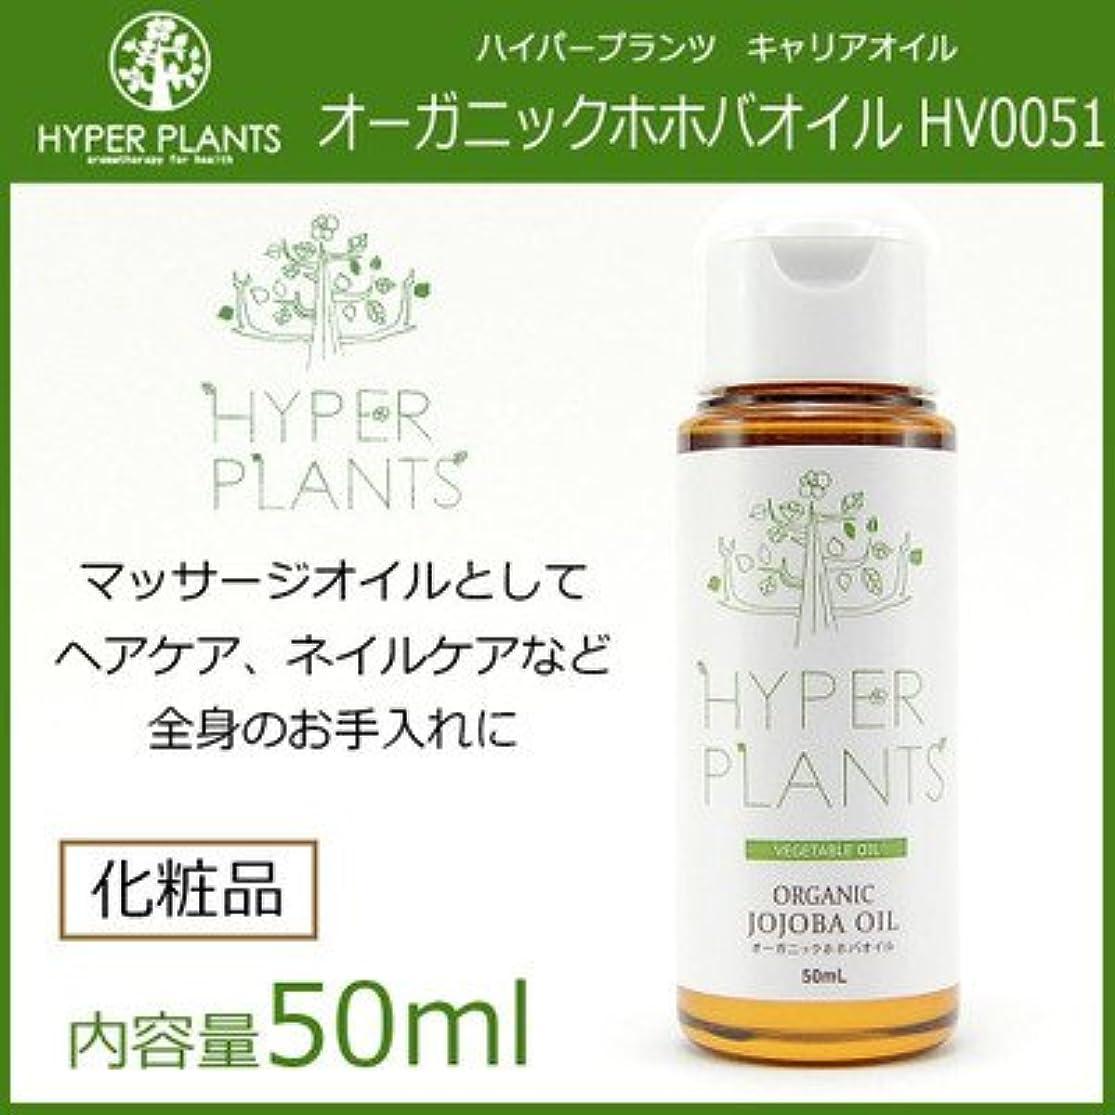 署名野菜適合しました天然植物原料100%使用 肌なじみが良い定番オイル HYPER PLANTS ハイパープランツ キャリアオイル オーガニックホホバオイル 50ml HV0051